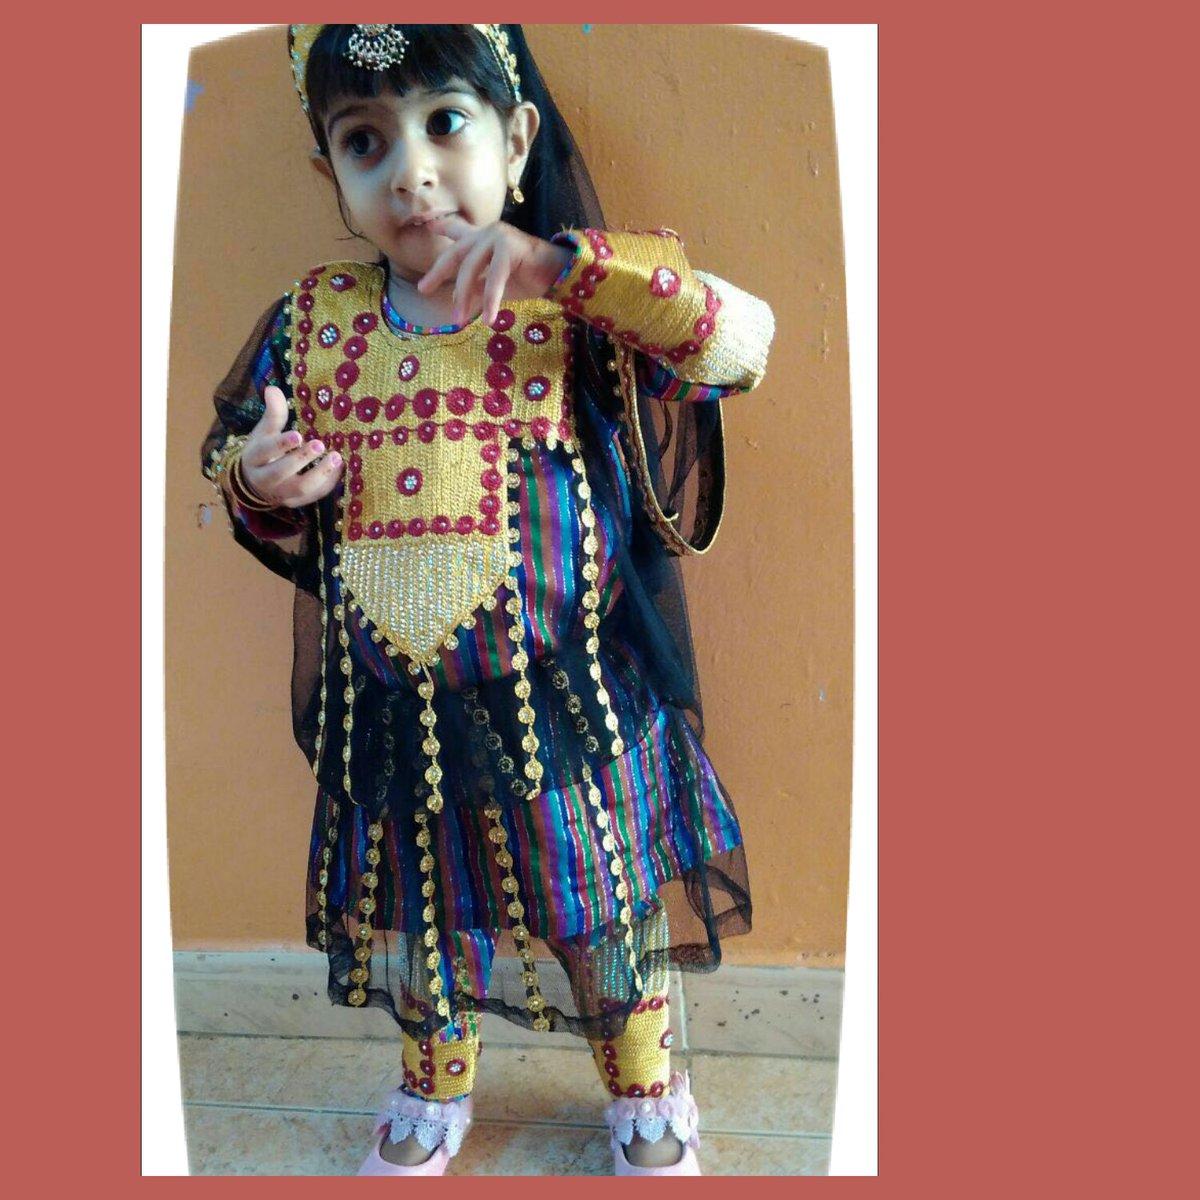 بالصور ازياء عمانية تقليدية , اجمل الموديلات العمانية 1150 8